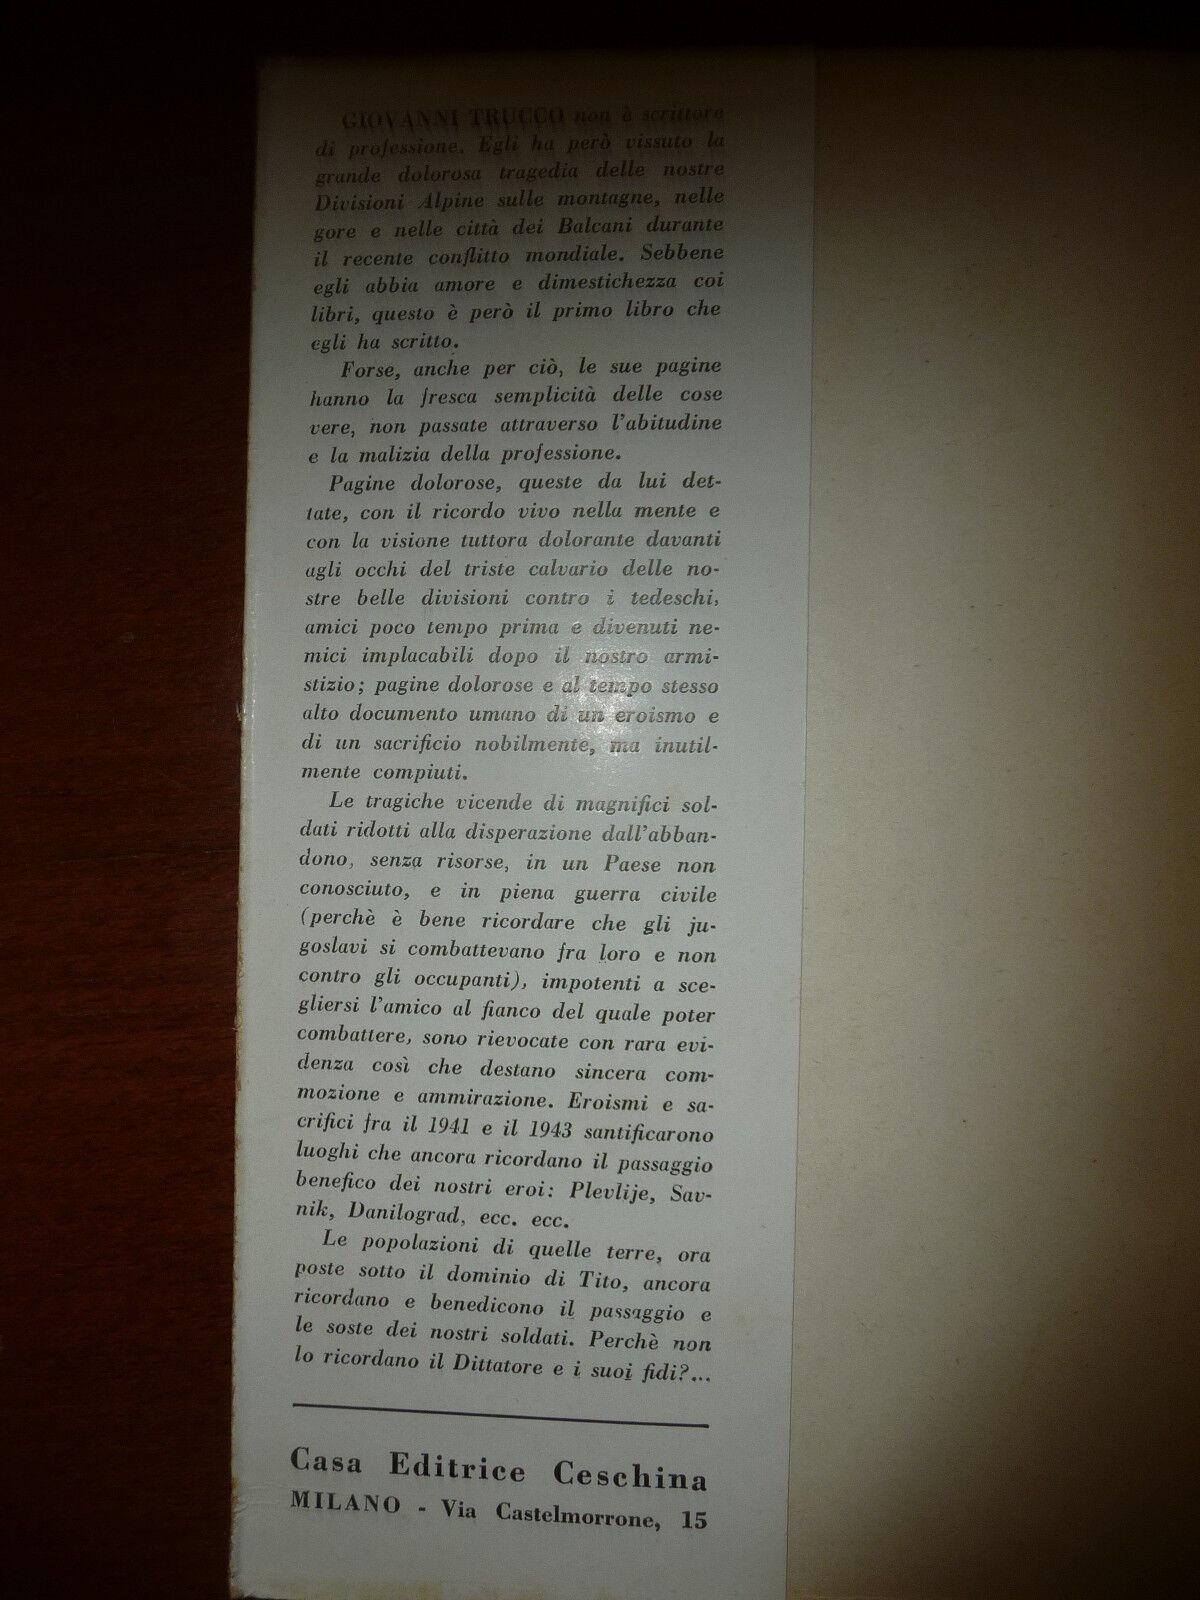 NELL'OMBRA DI TITO GIOVANNI TRUCCO LA TRAGEDIA DELLE NOSTRE TRUPPE DOPO IL 1943